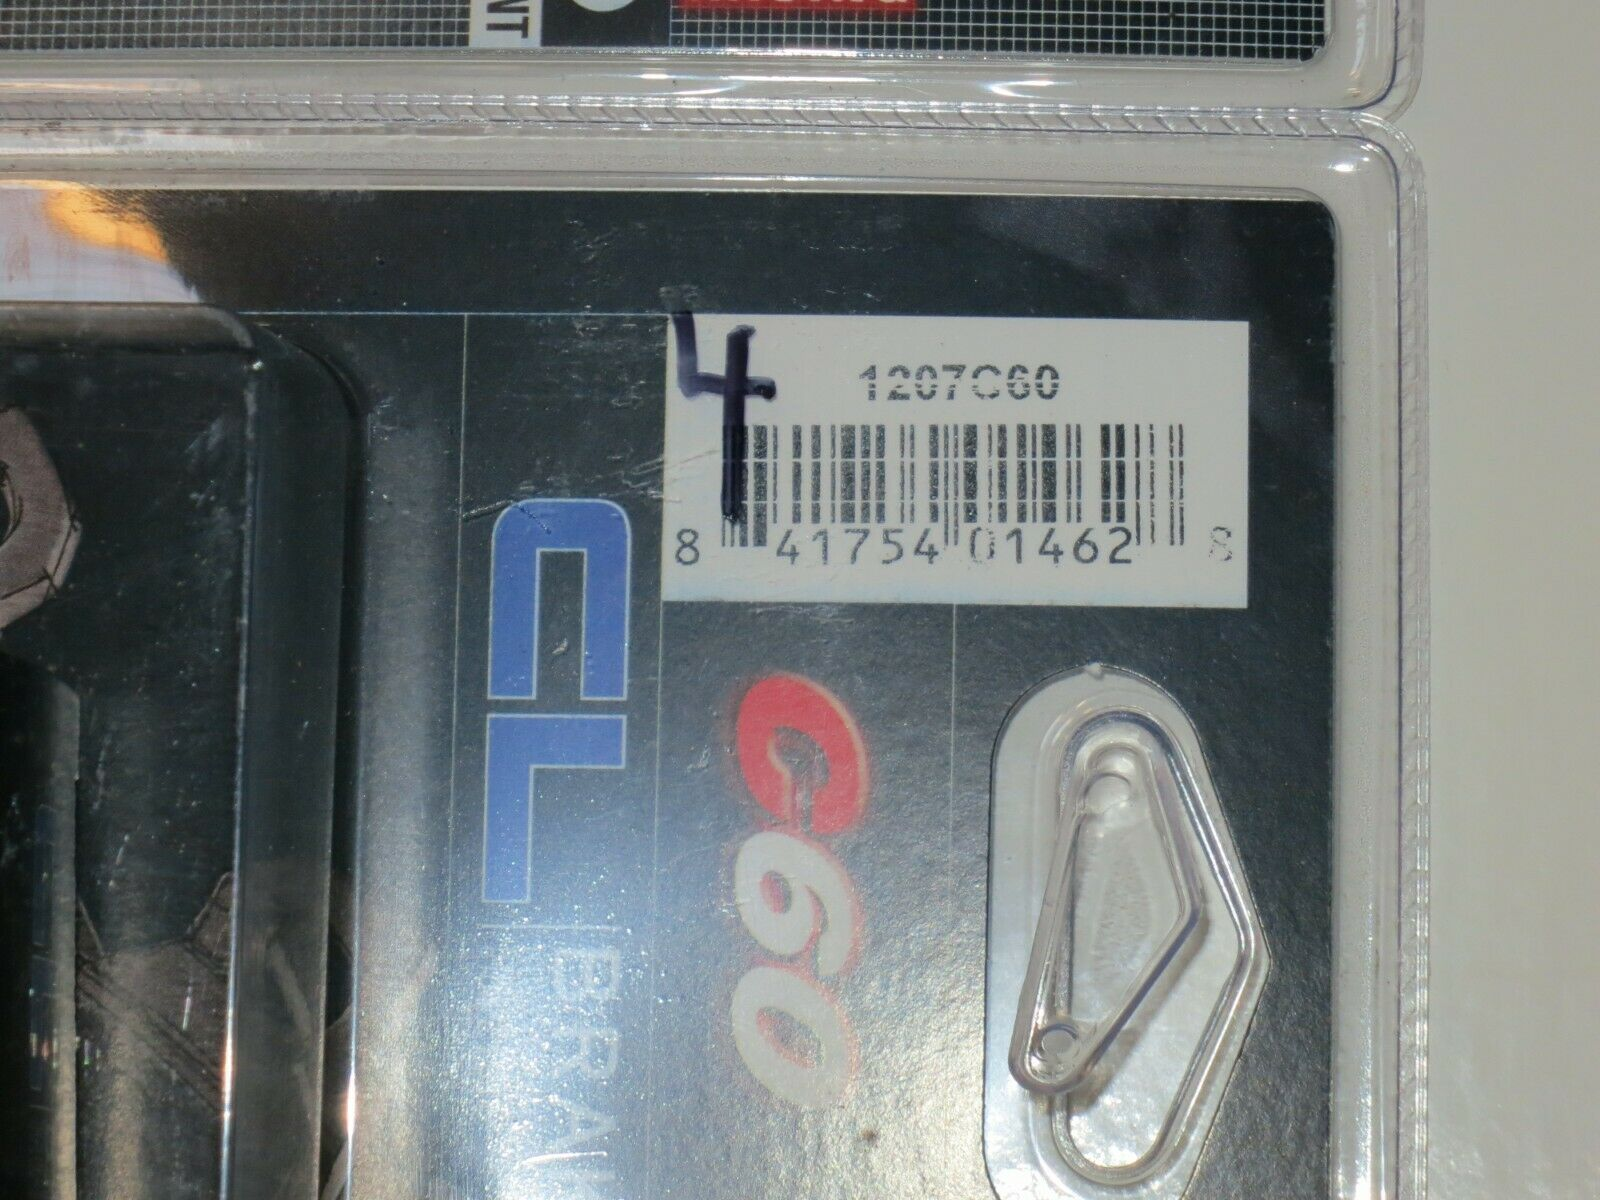 Carbone Lorraine Brake pads 1207C60 BMW S1000RR see list below 22 Years on